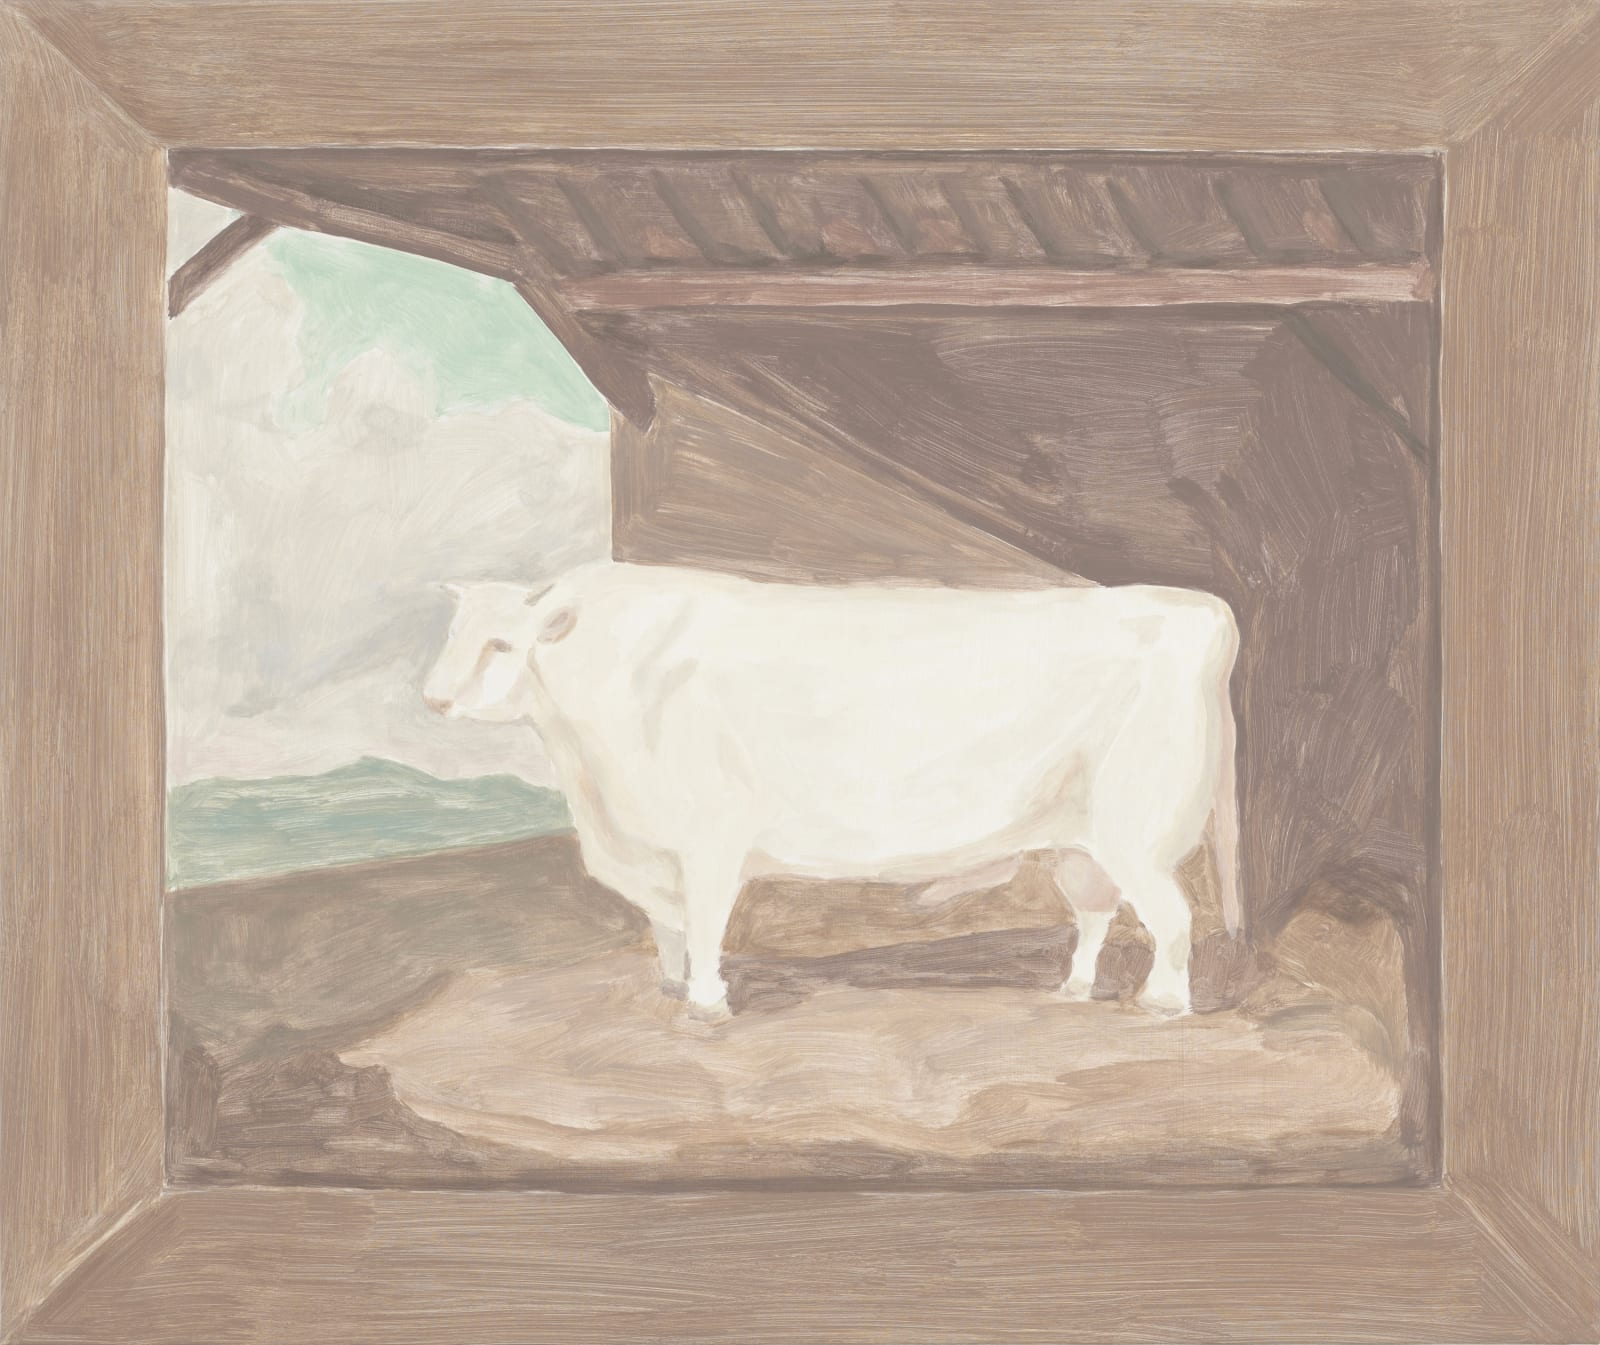 Francesca Fuchs, Bull, 2012 acrylic on canvas over board, 29 x 34 1/2 in